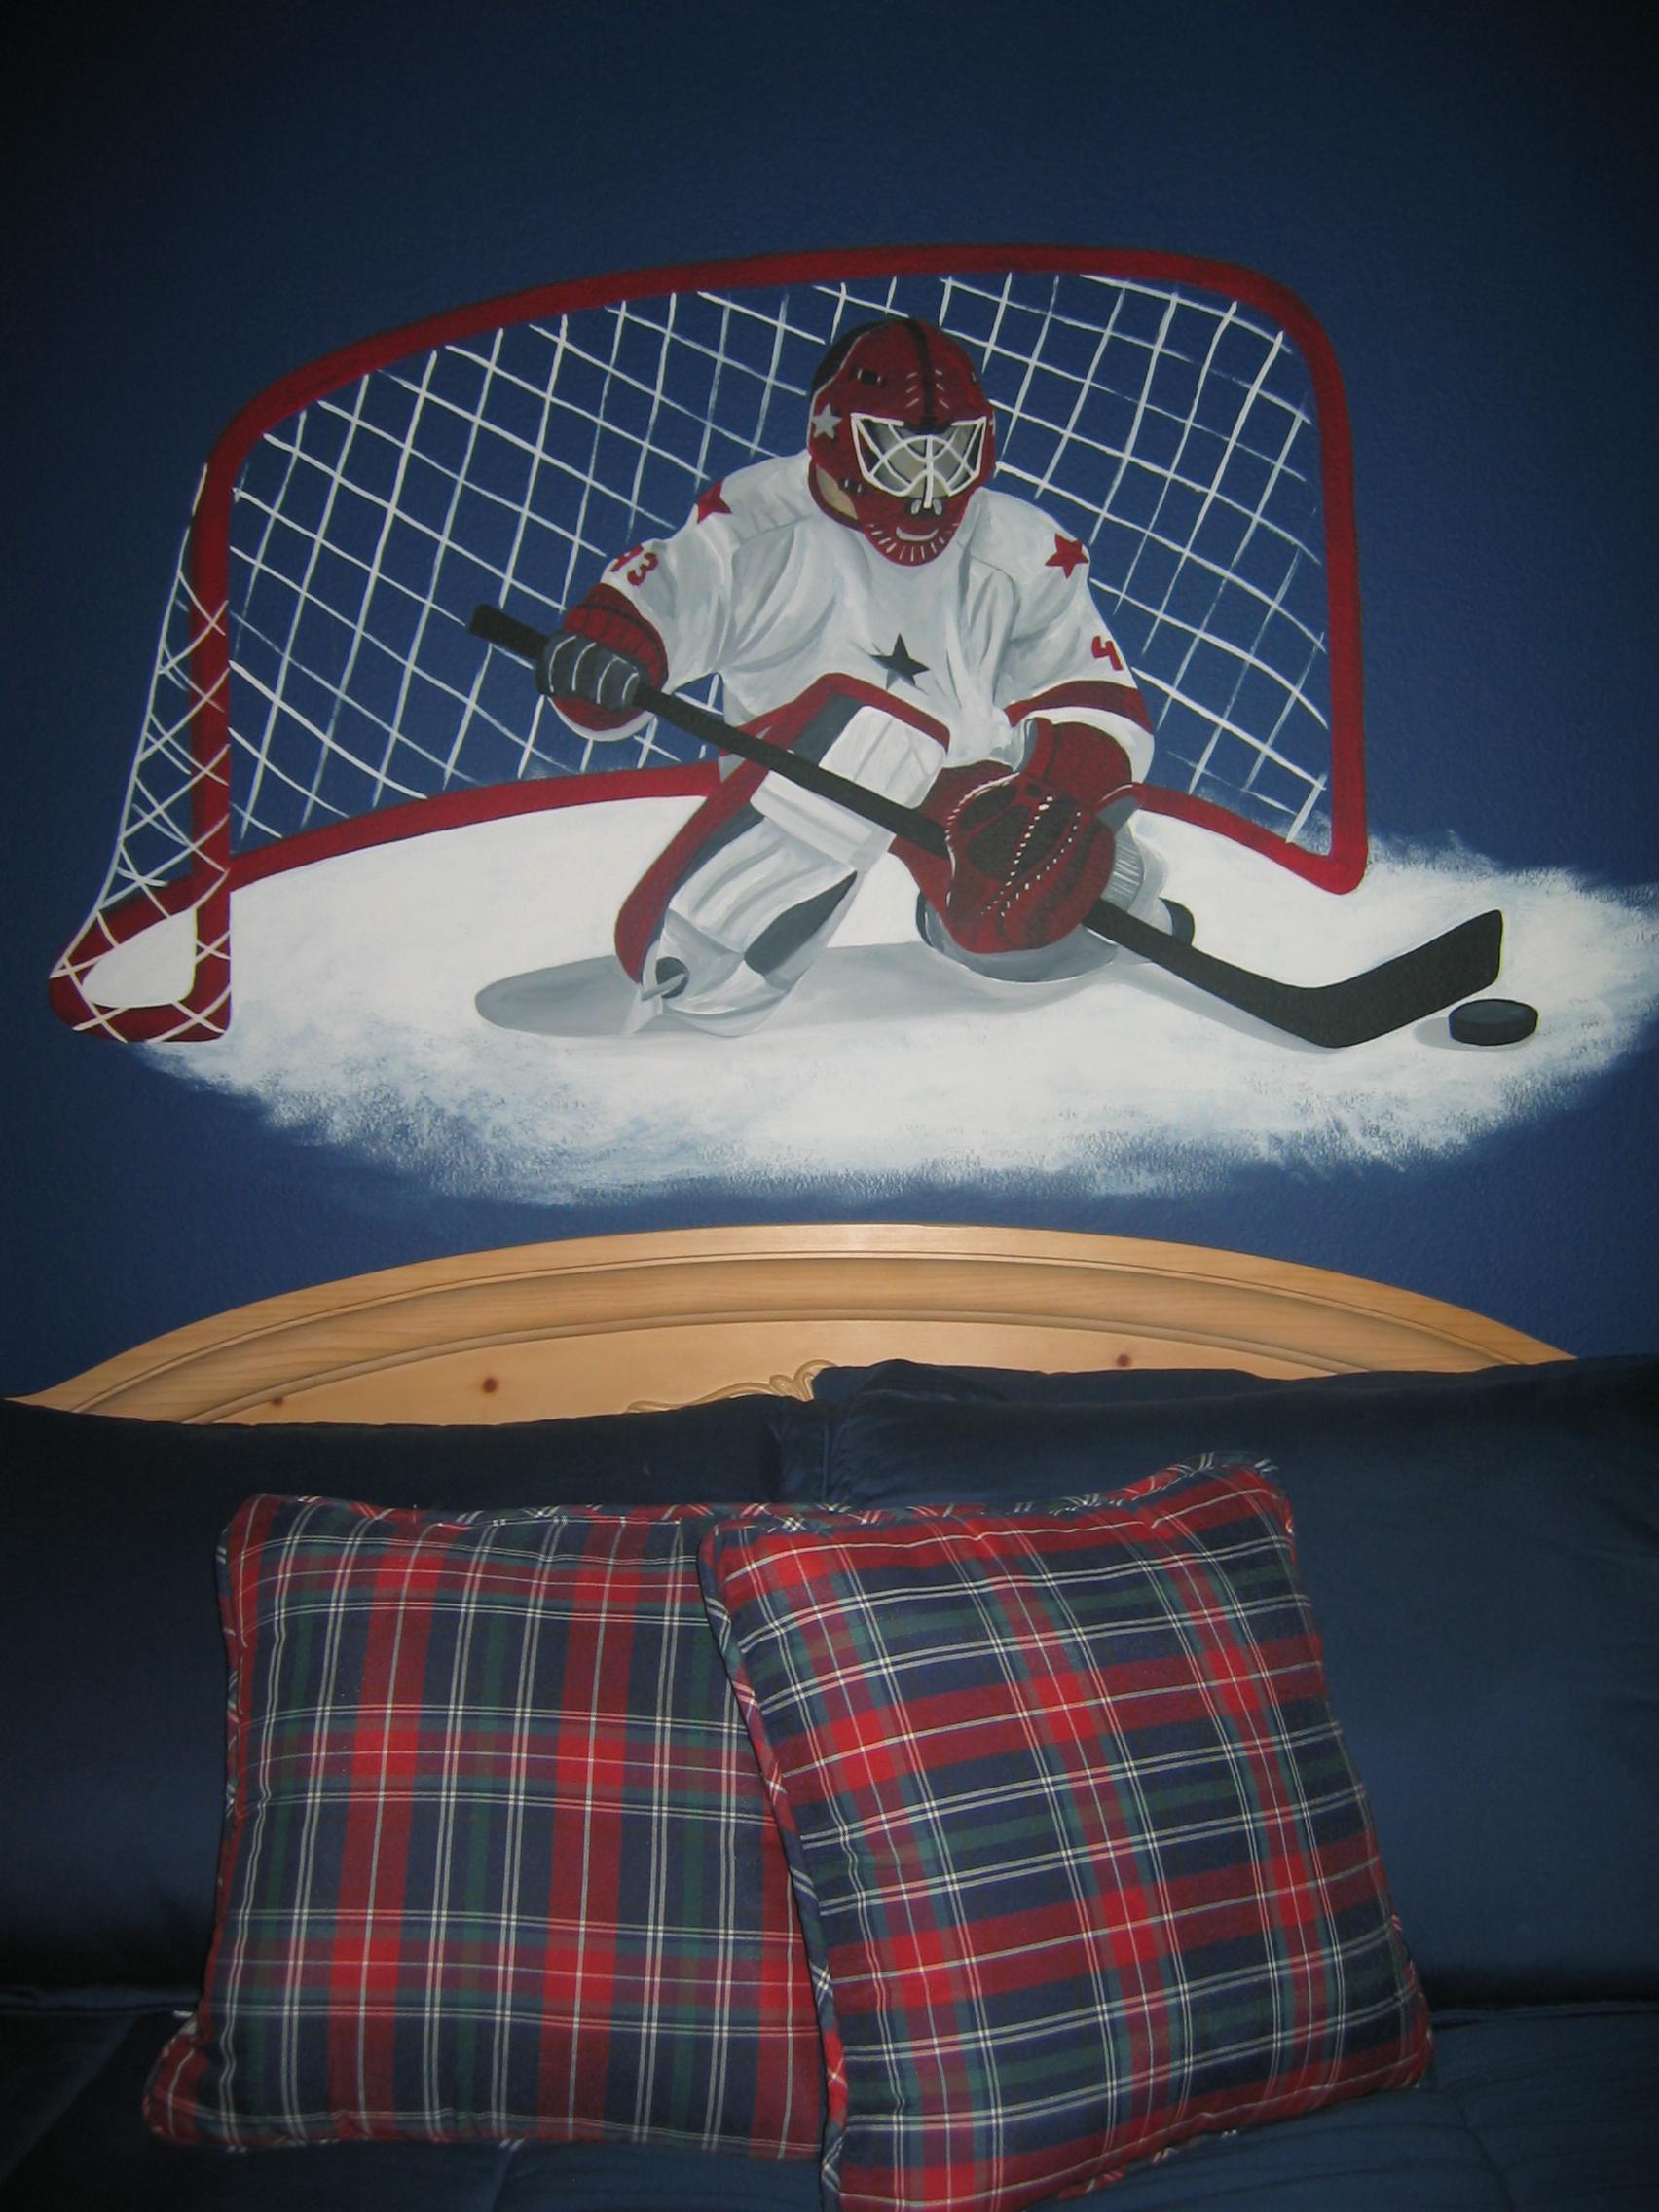 20040427.04.mural.sports.hockey.goalie.jpg